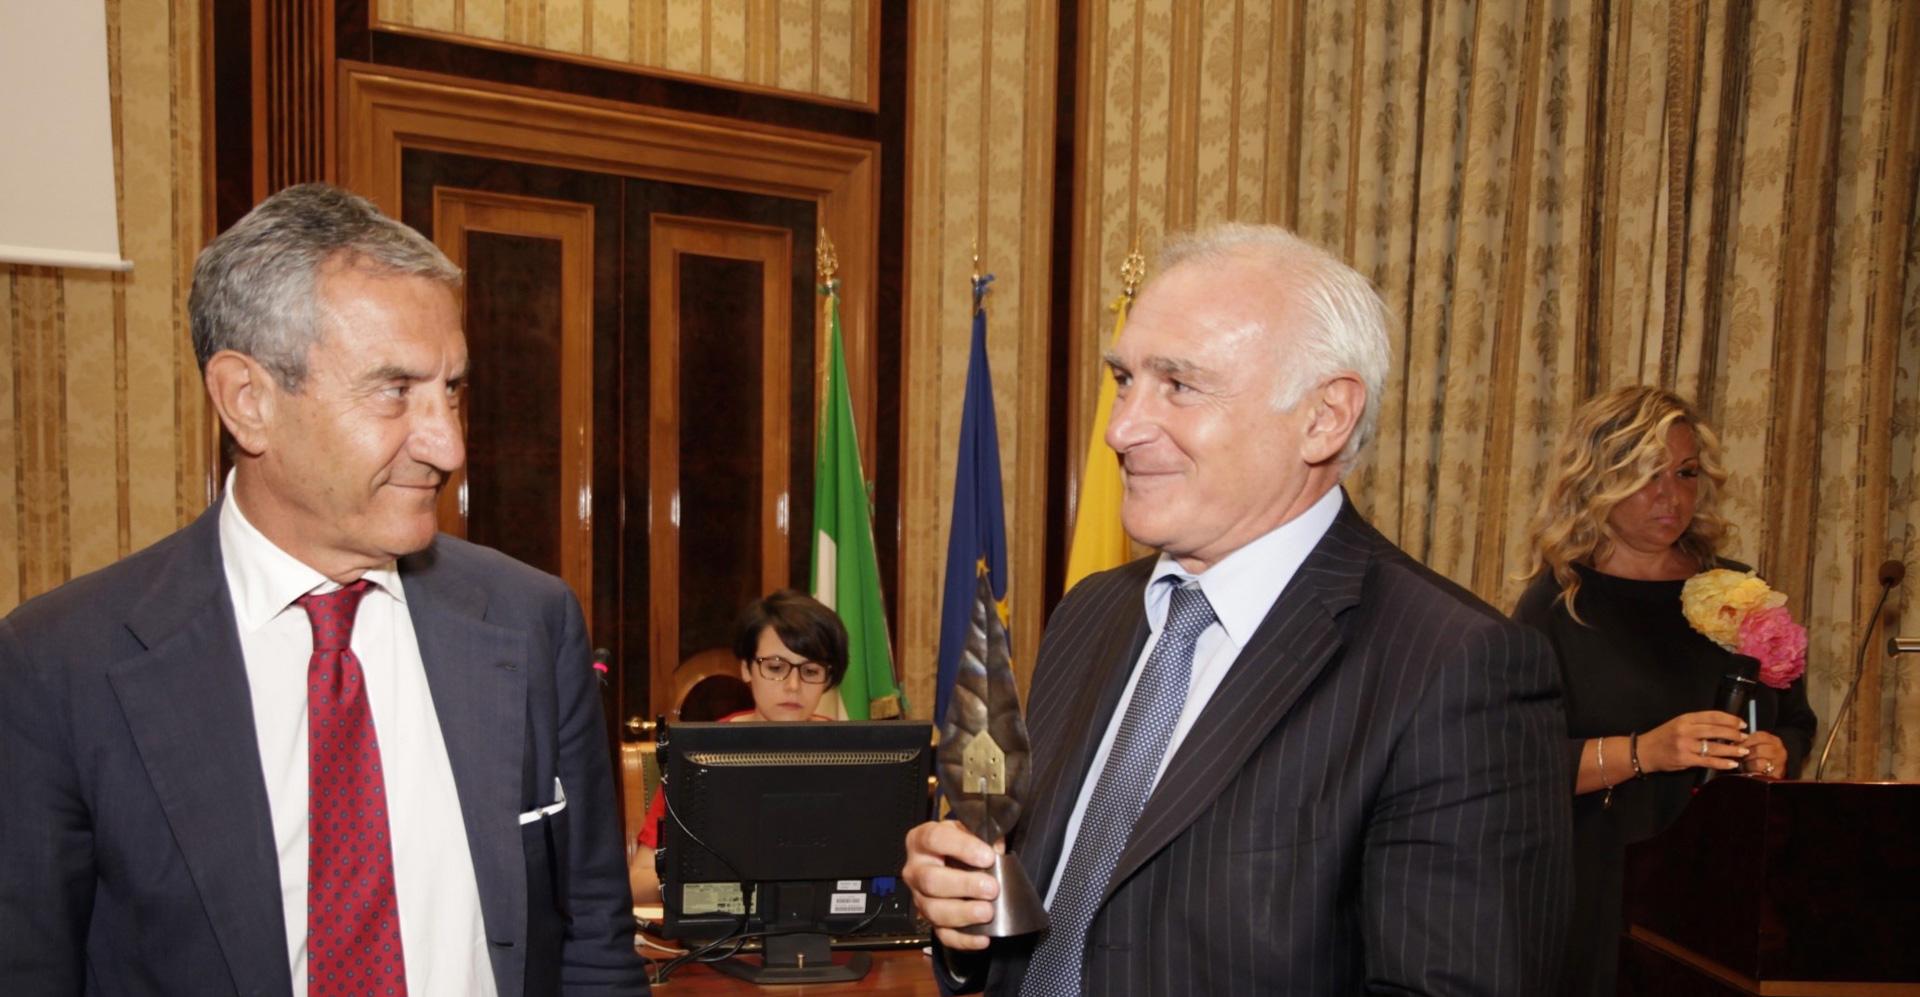 Ambrogio Prezioso e Alfredo Guarra, Premio Speciale GreenCare 2016